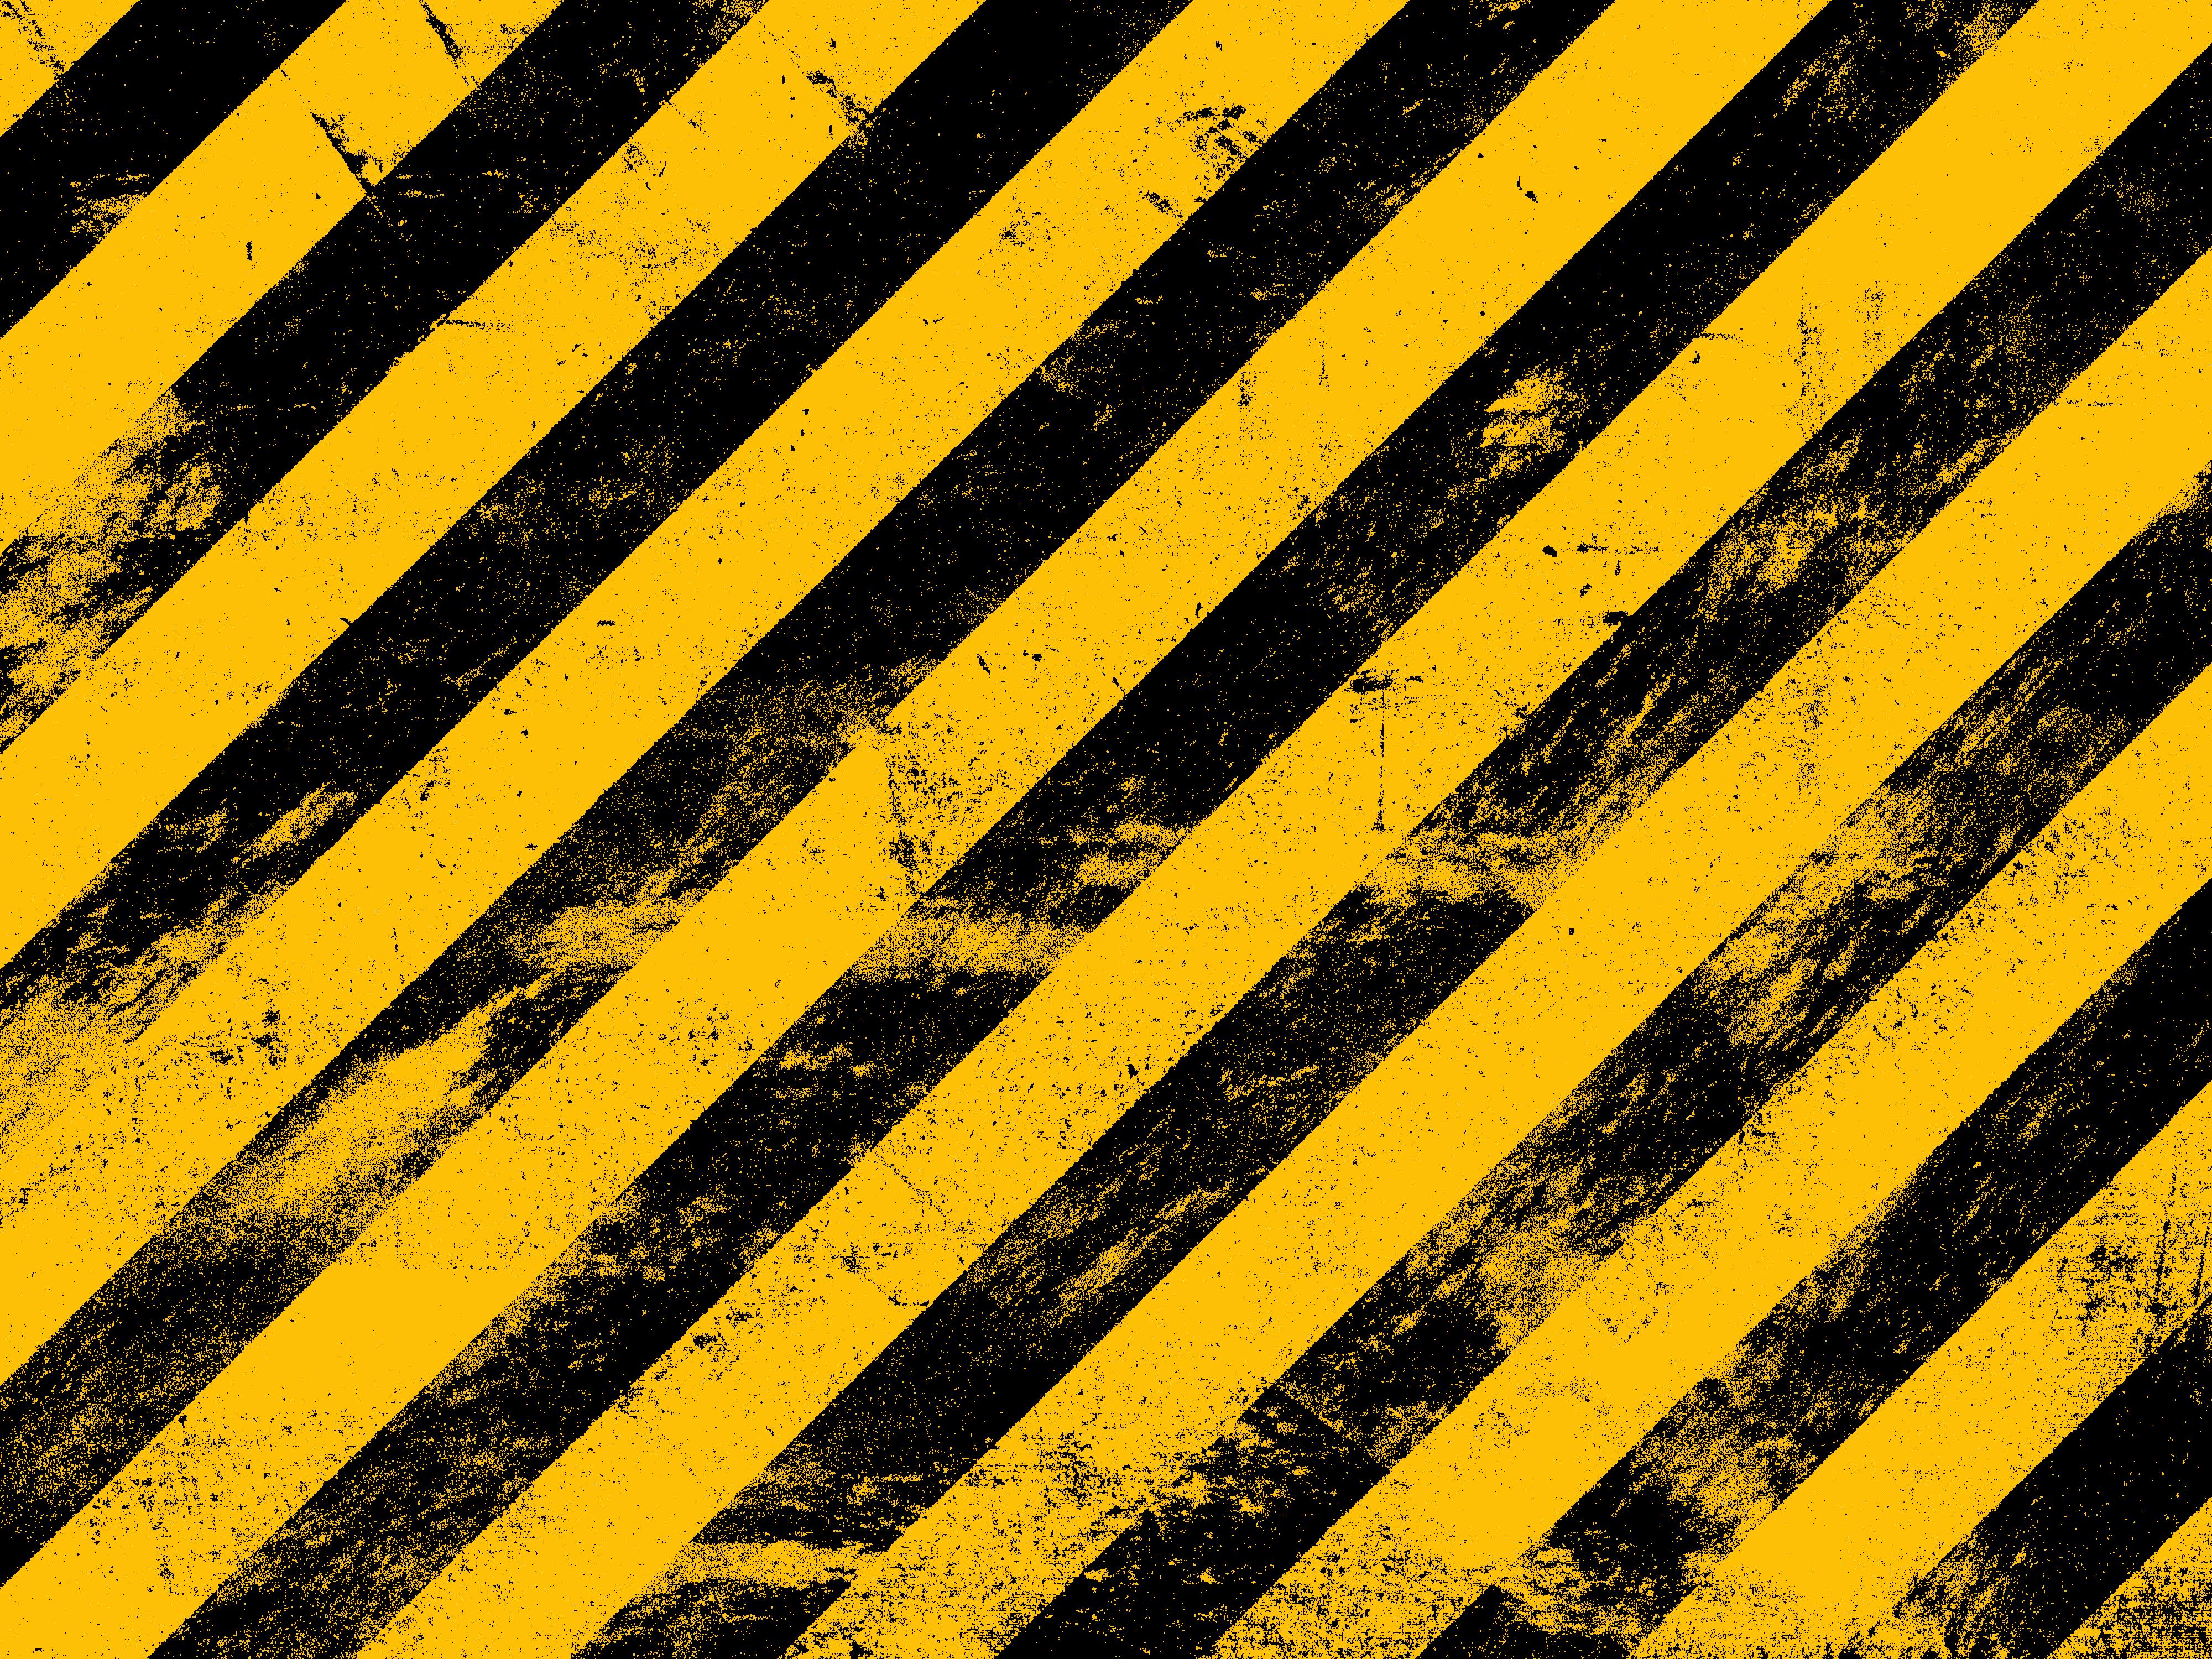 grunge-warning-line-background-2.png